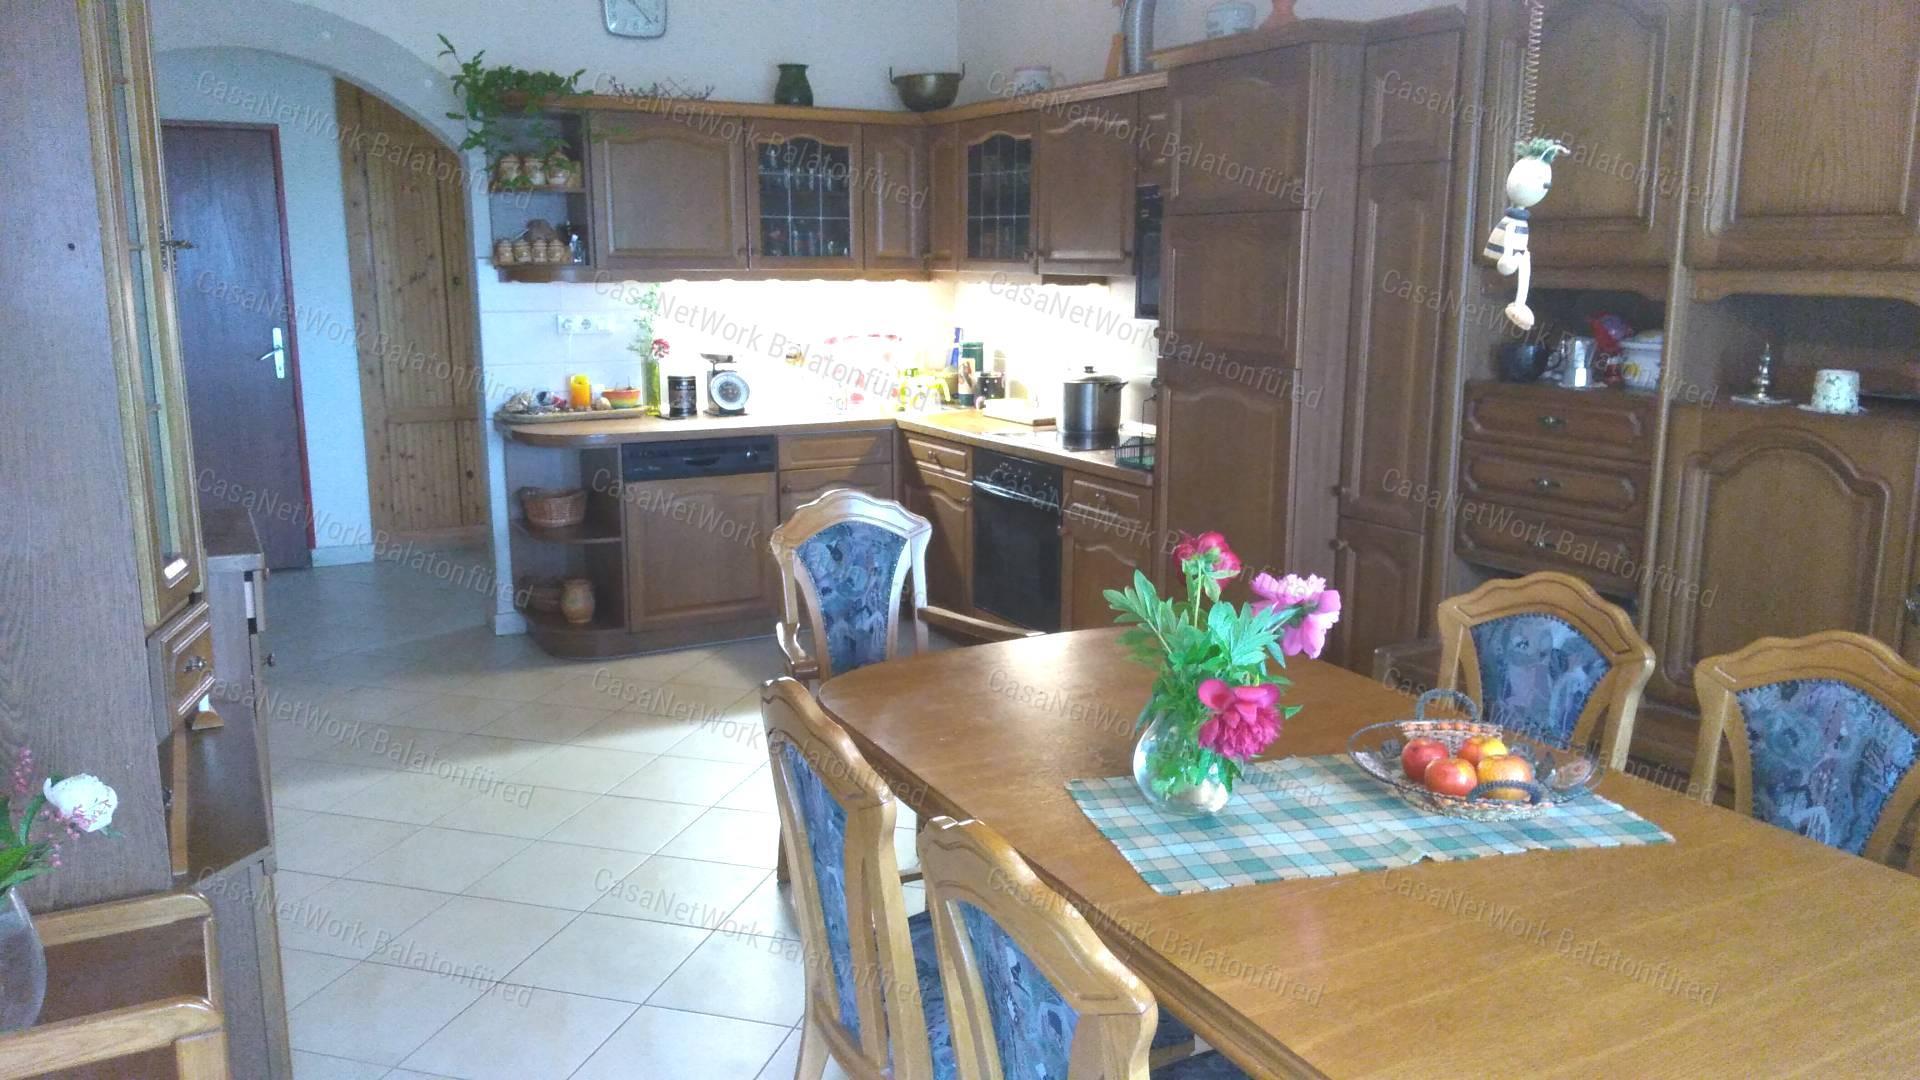 Eladó családi ház, Veszprém megye, Balatonfüred - sz.: 163801244 - CasaNetWork.hu